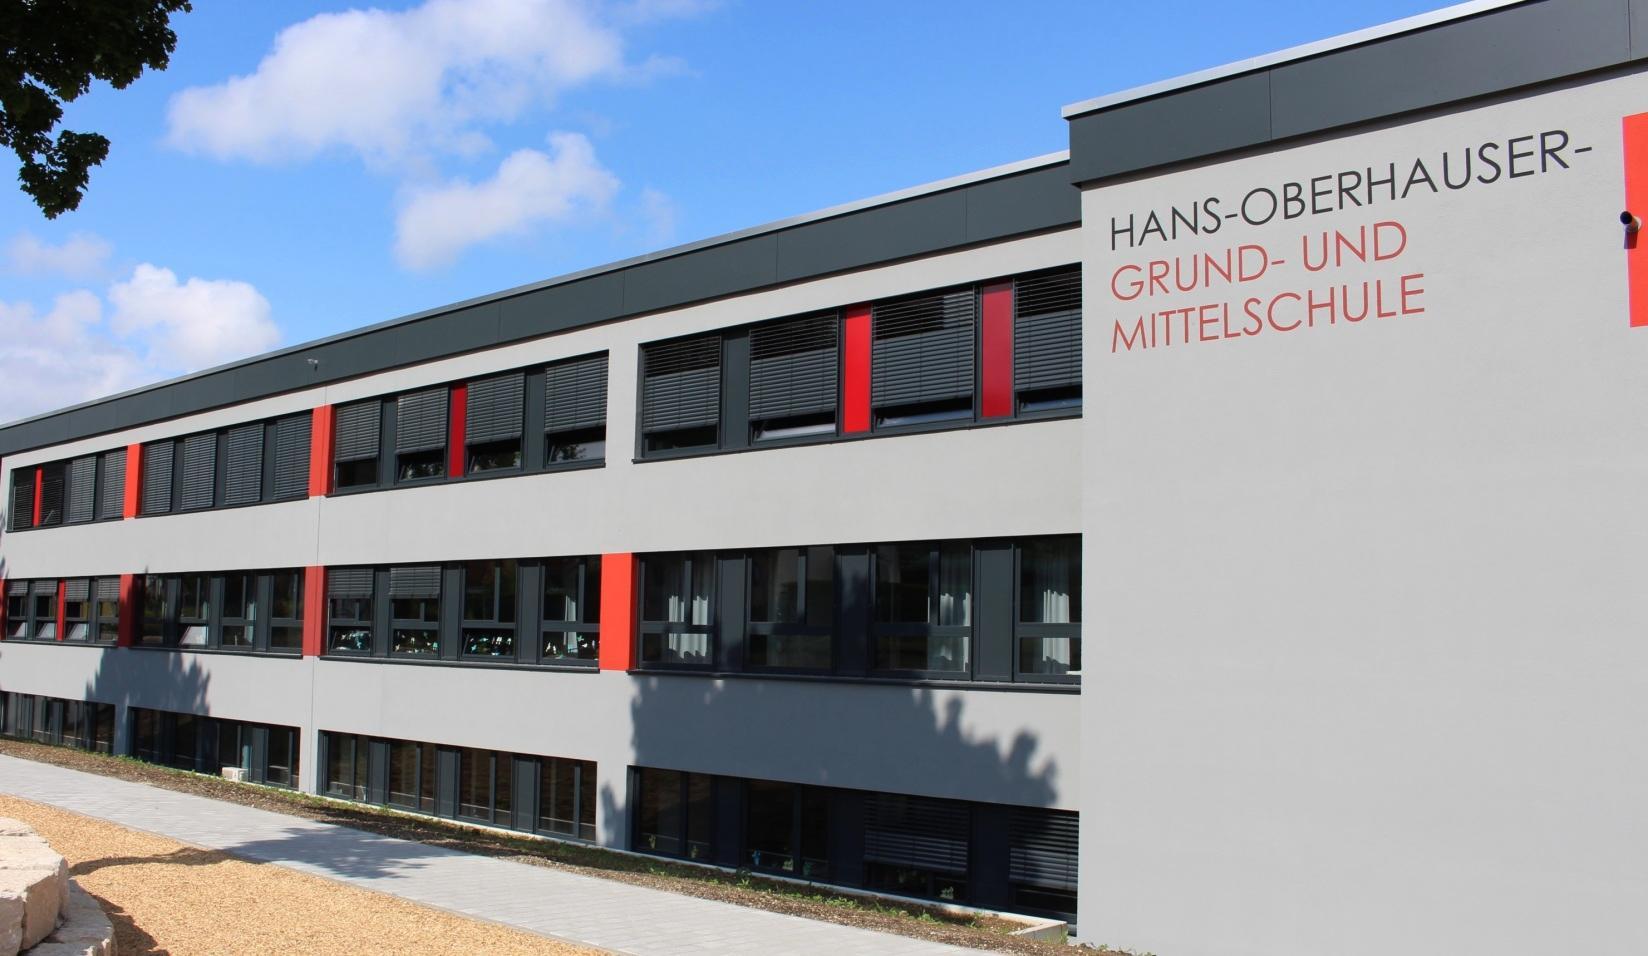 Auf den neuesten Stand wurde die Grund- und Mittelschule in Reichertshausen nach der Generalsanierung gebracht. Fotos: Diaw